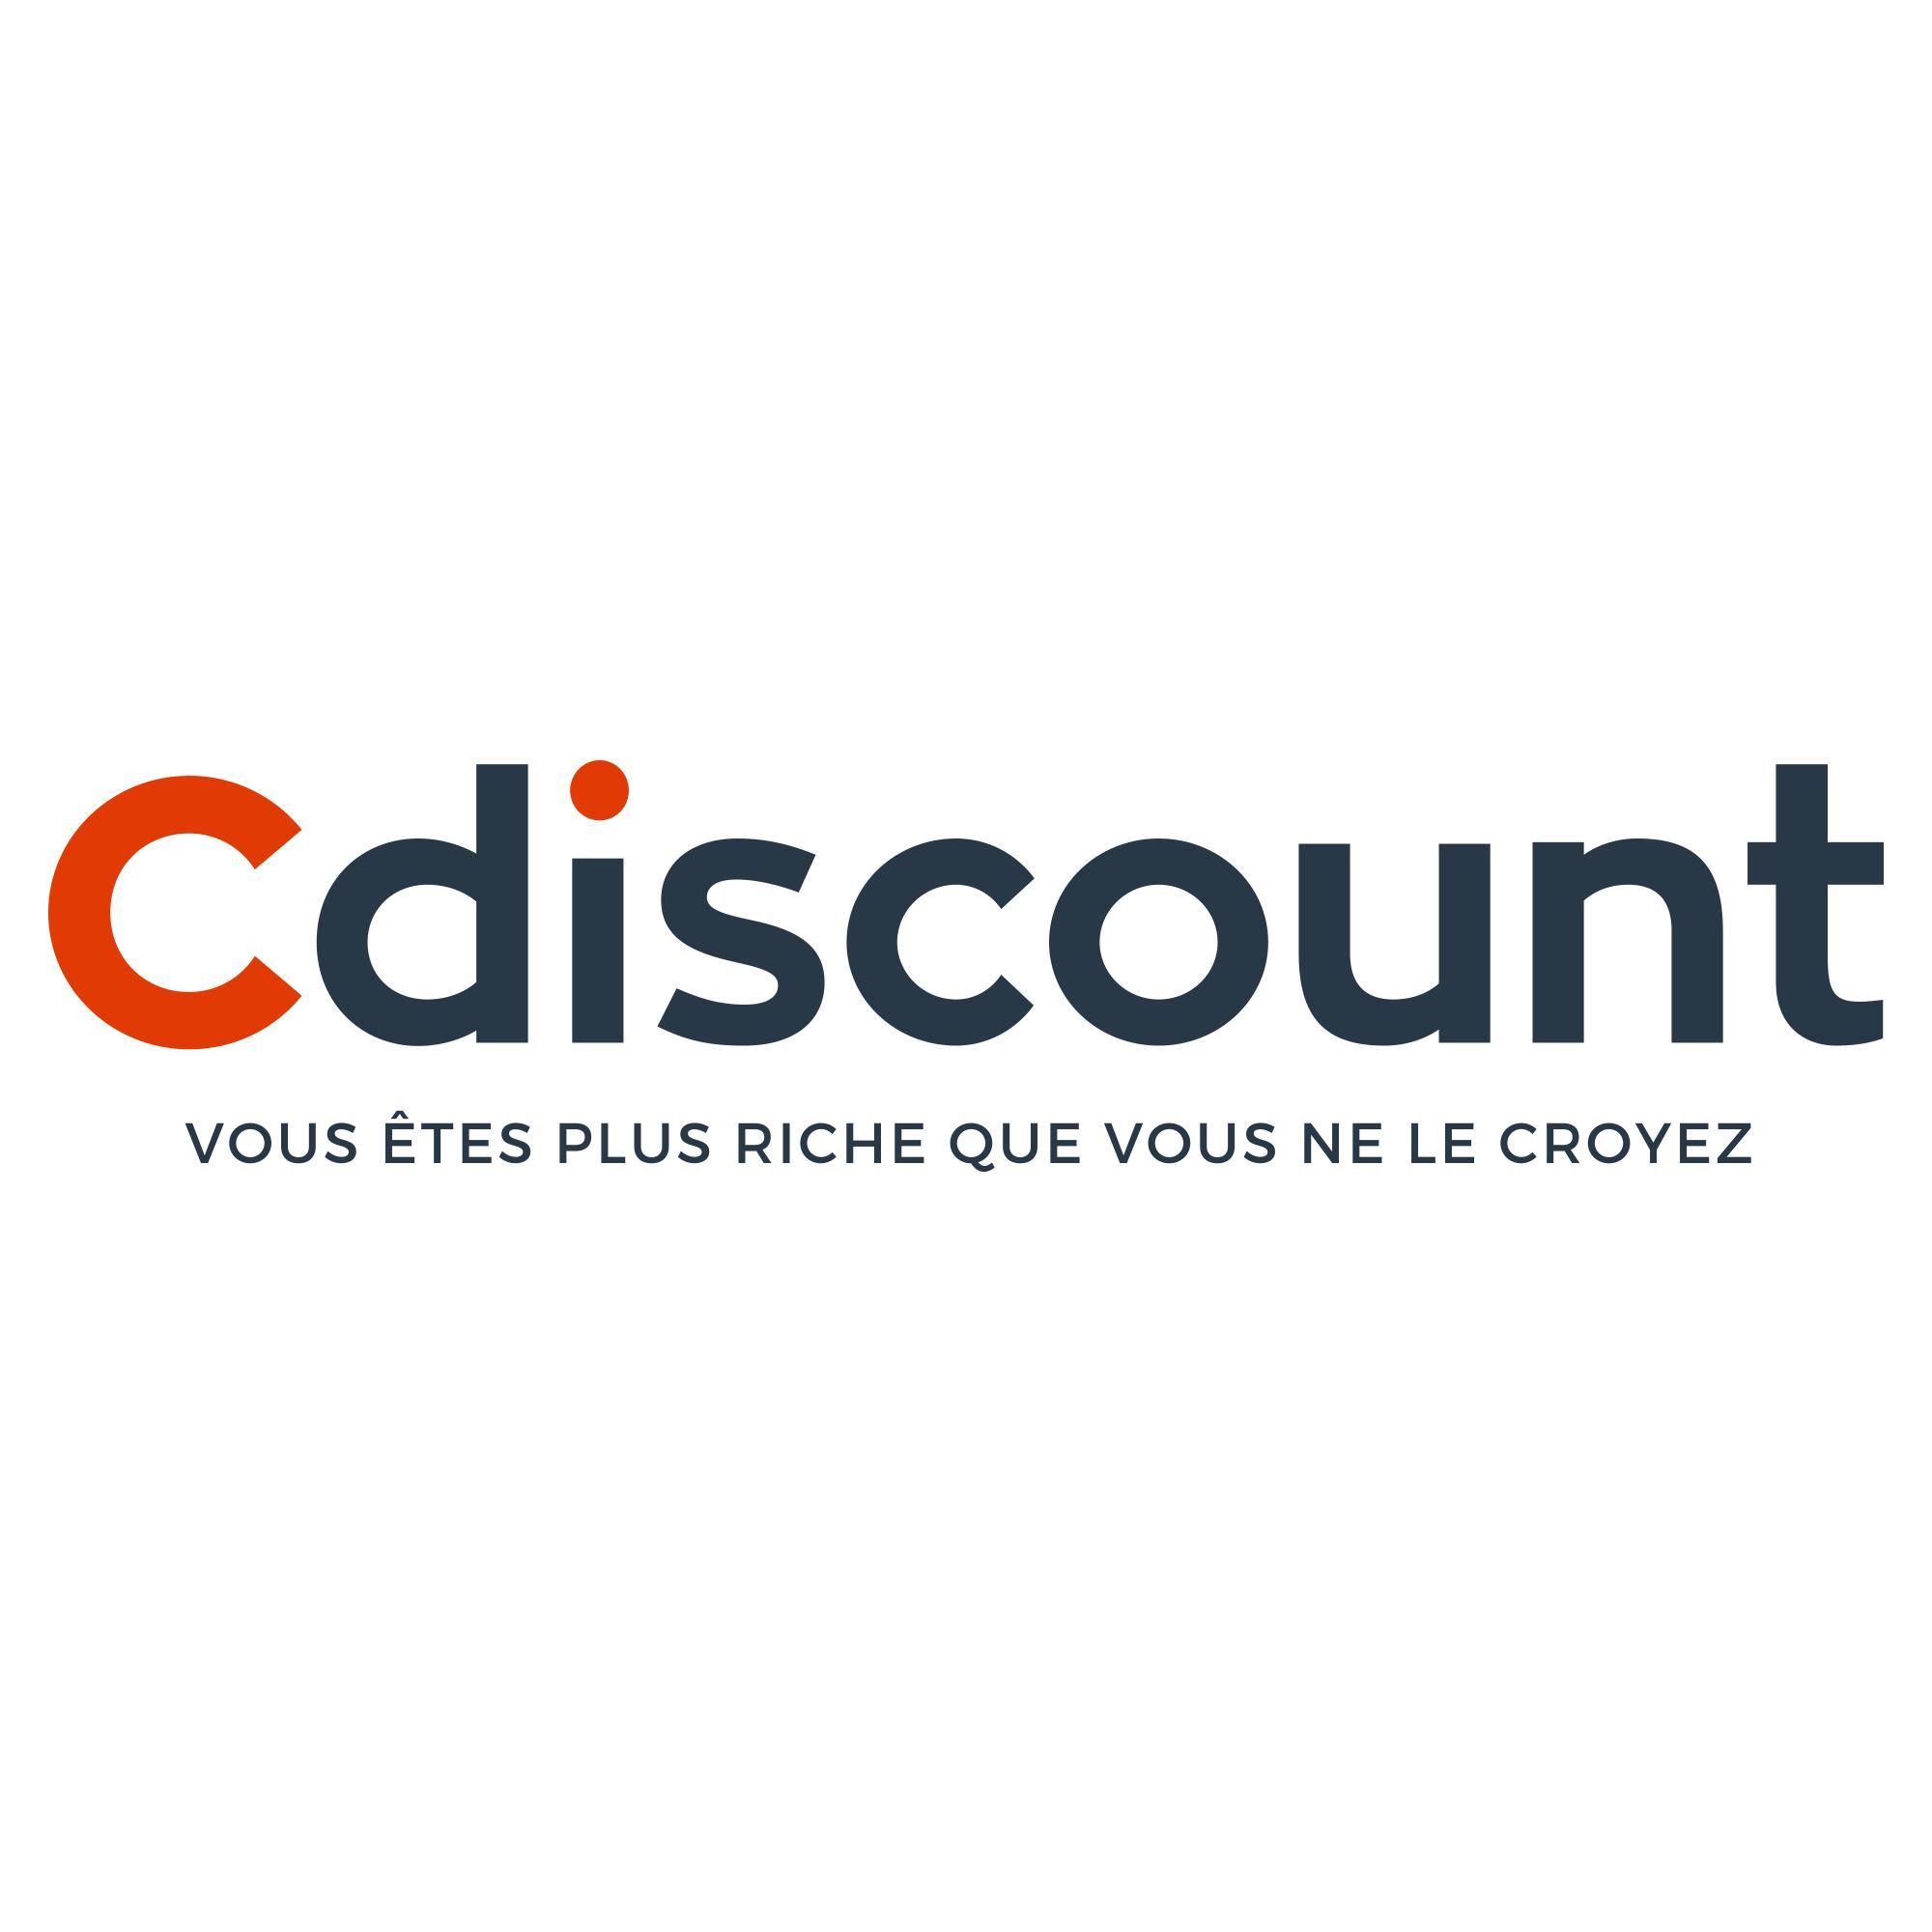 30€ de réduction dès 299€ et 15€ dès 199€ pour tous / 50€ dès 399€ pour les membres Cdiscount à volonté sur une sélection de produits (Hors Marketplace)